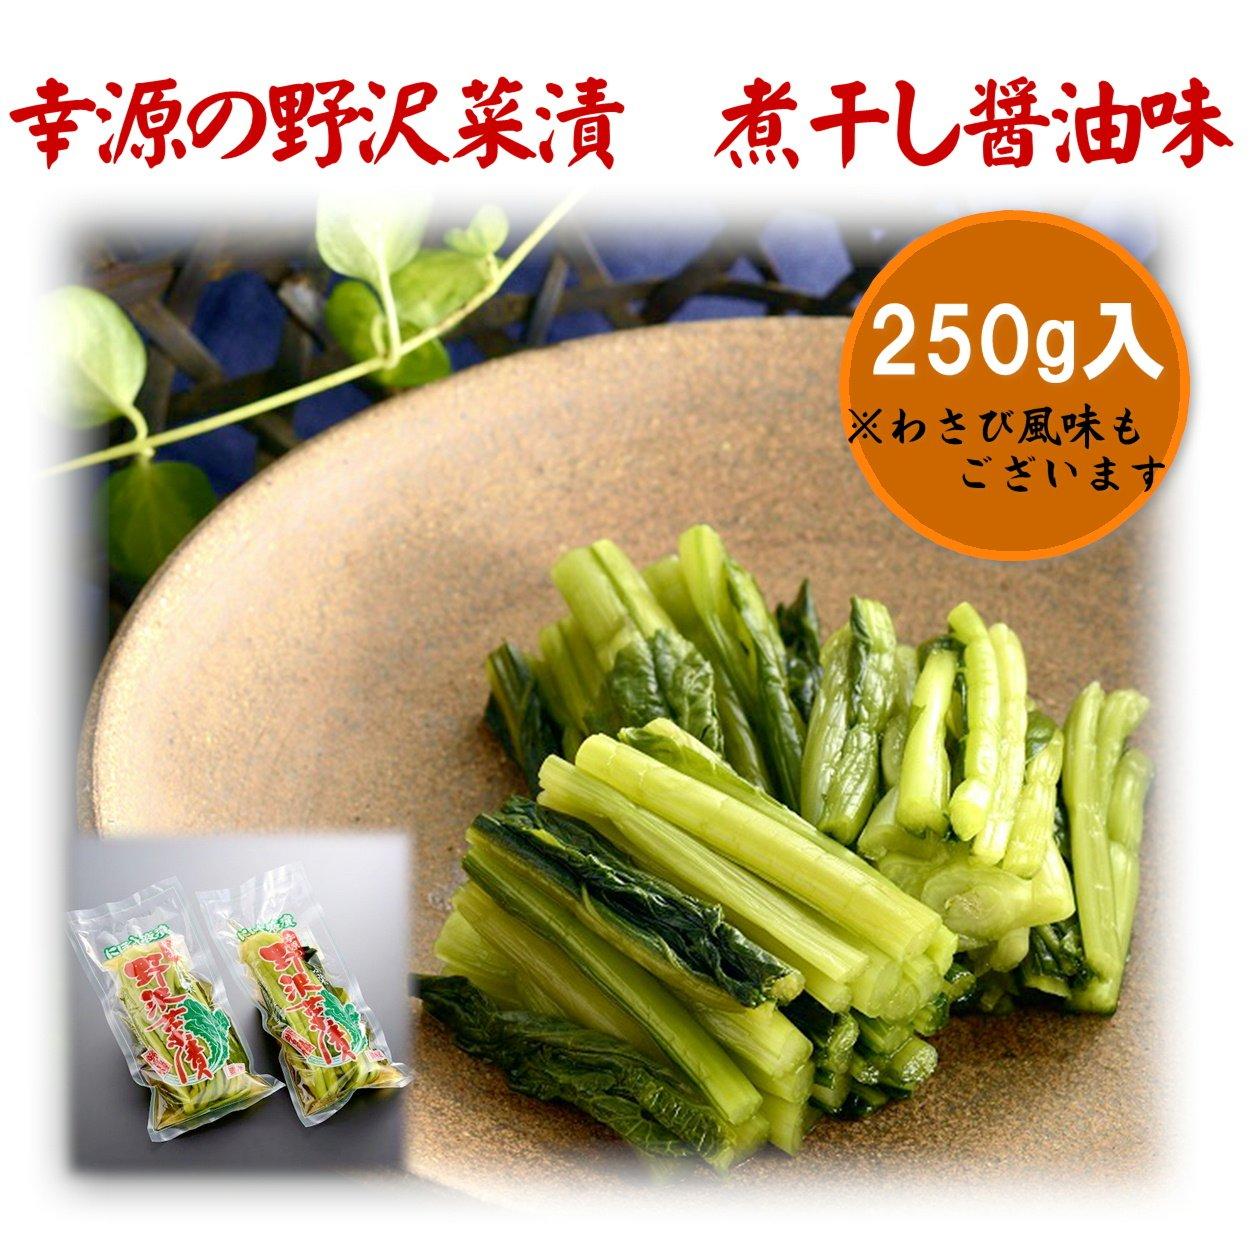 新潟魚沼 お漬物の幸源 野沢菜漬け/煮干し醤油味250g